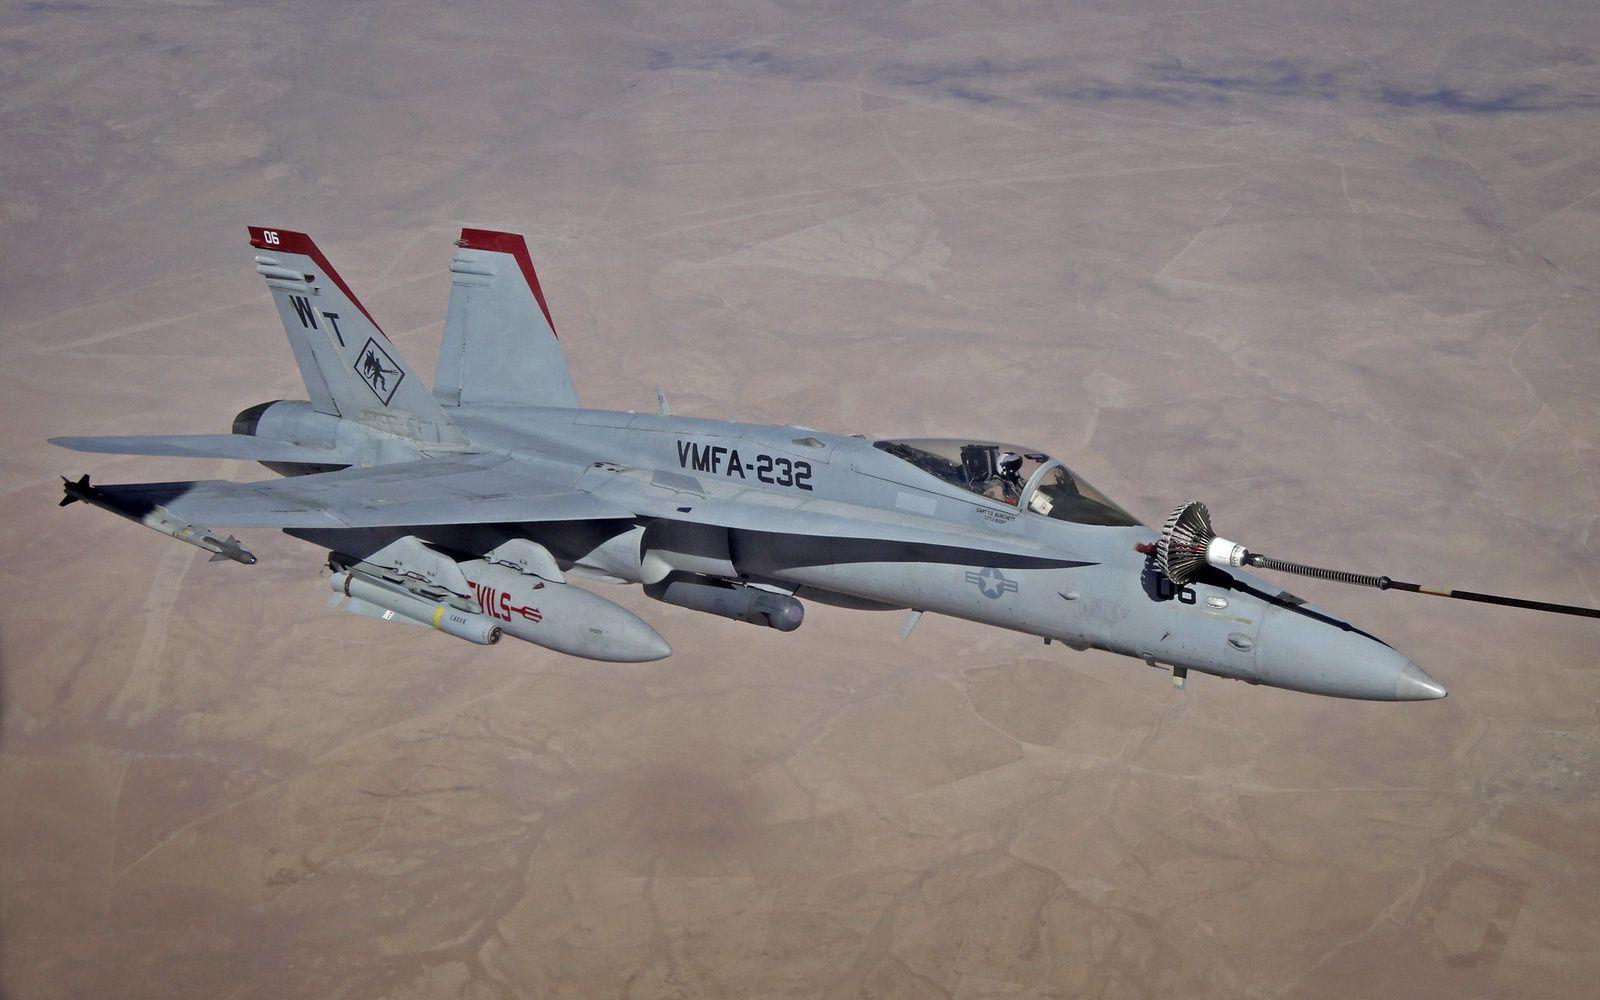 Un F/A-18C Hornet de l'US Marine Corps ravitaille au-dessus de l'Irak avec un seul réacteur